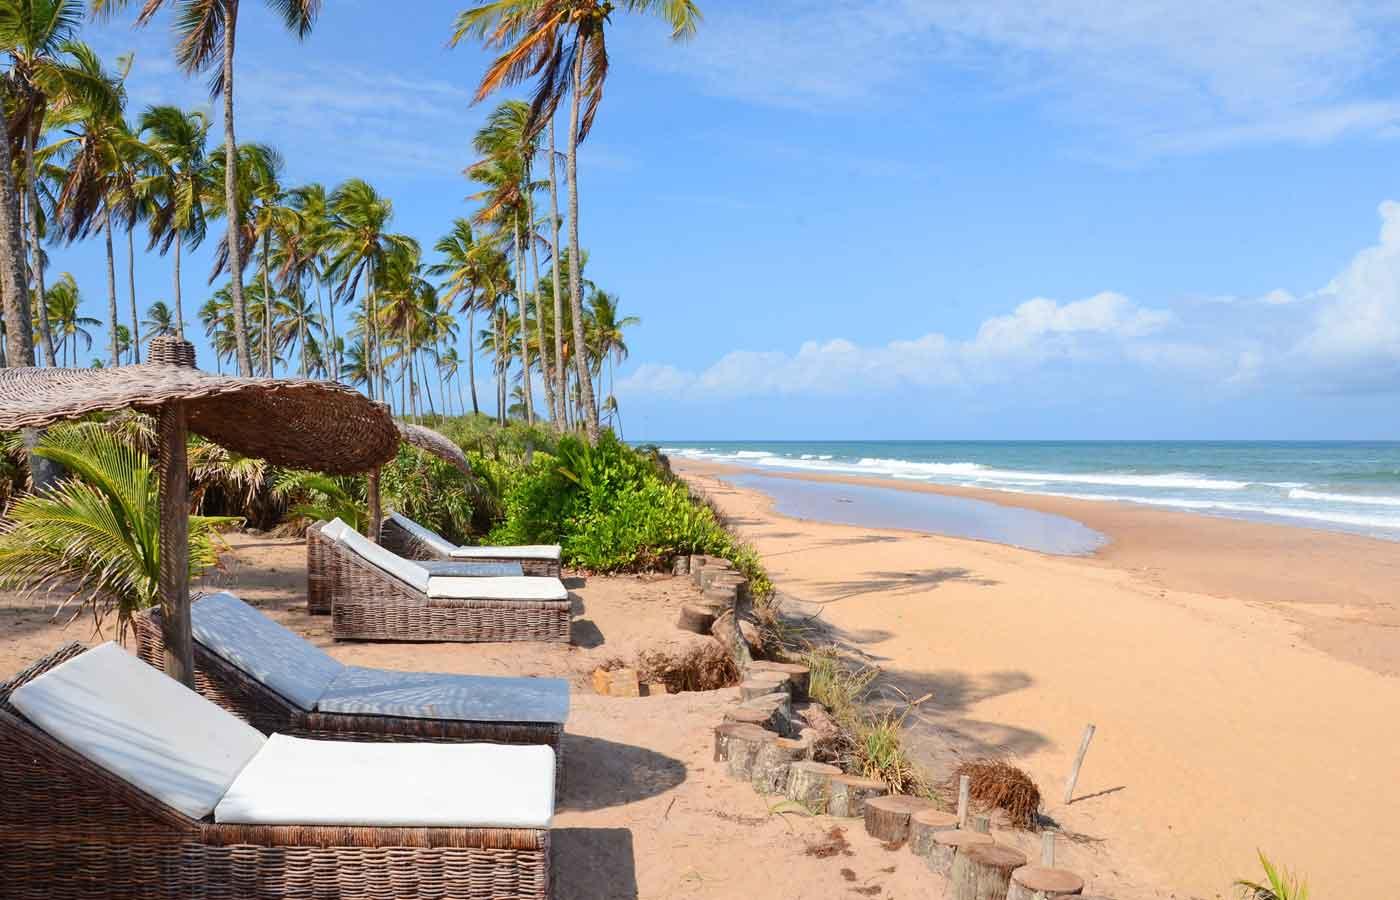 Butterfly House Bahia - Luxury beach holidays in Bahia, Brazil